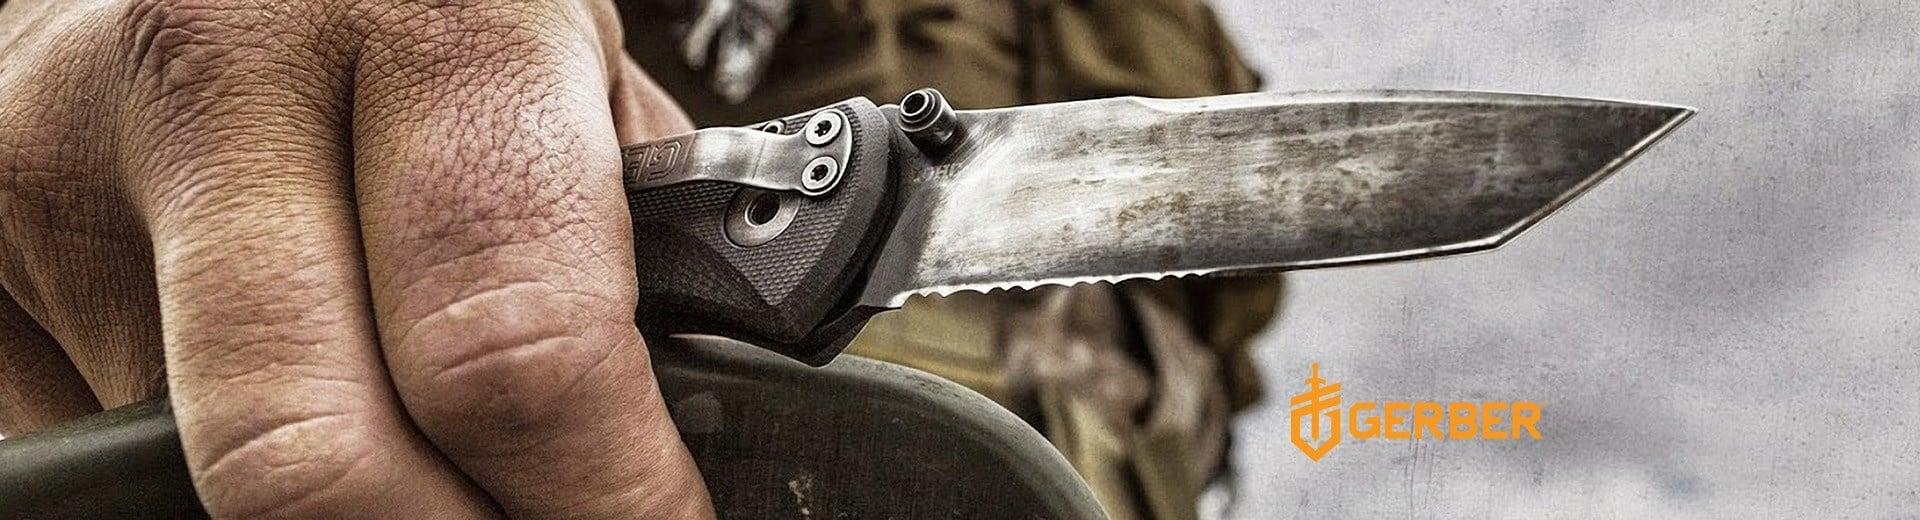 Gerber knives !